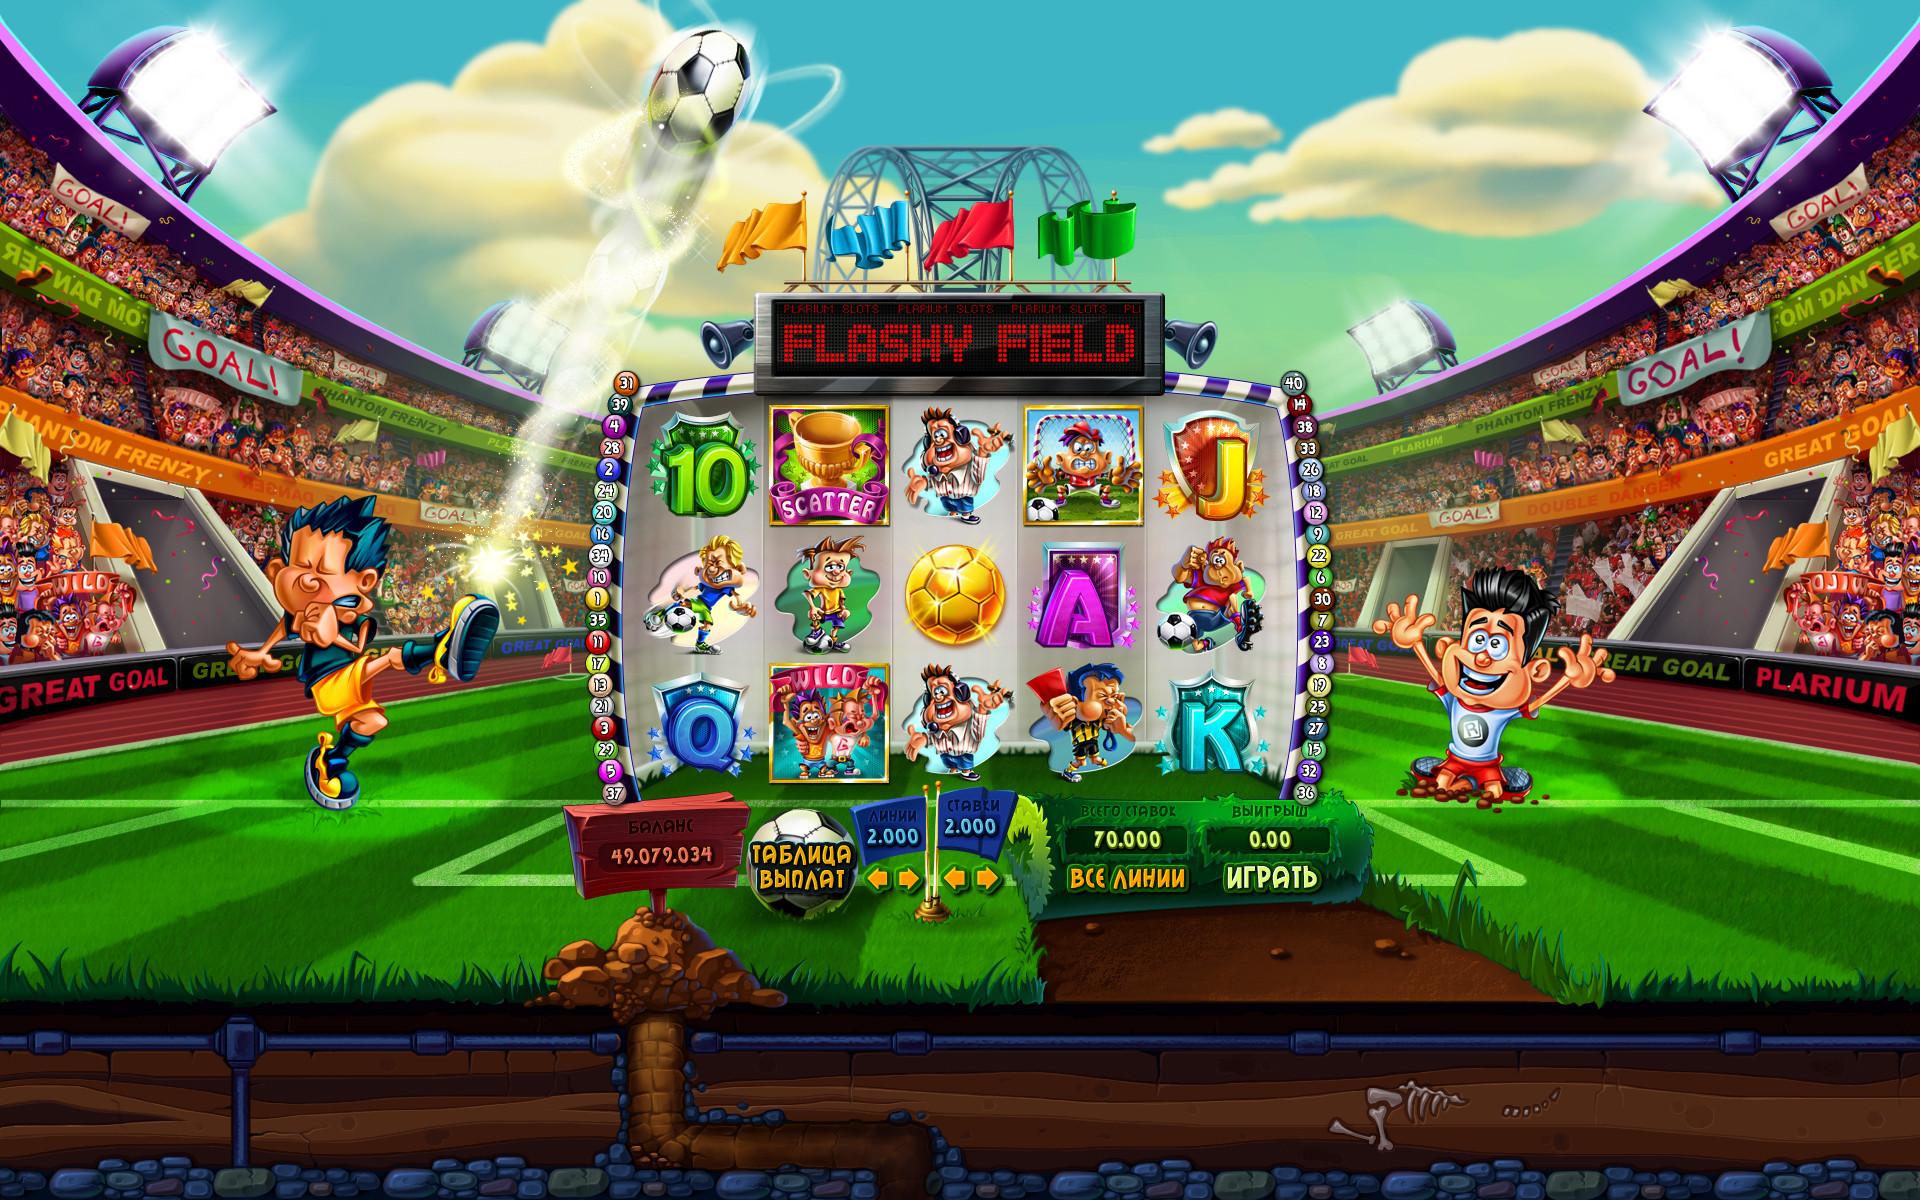 Казино корона игровые автоматы играть бесплатно и без регистрации онлайн